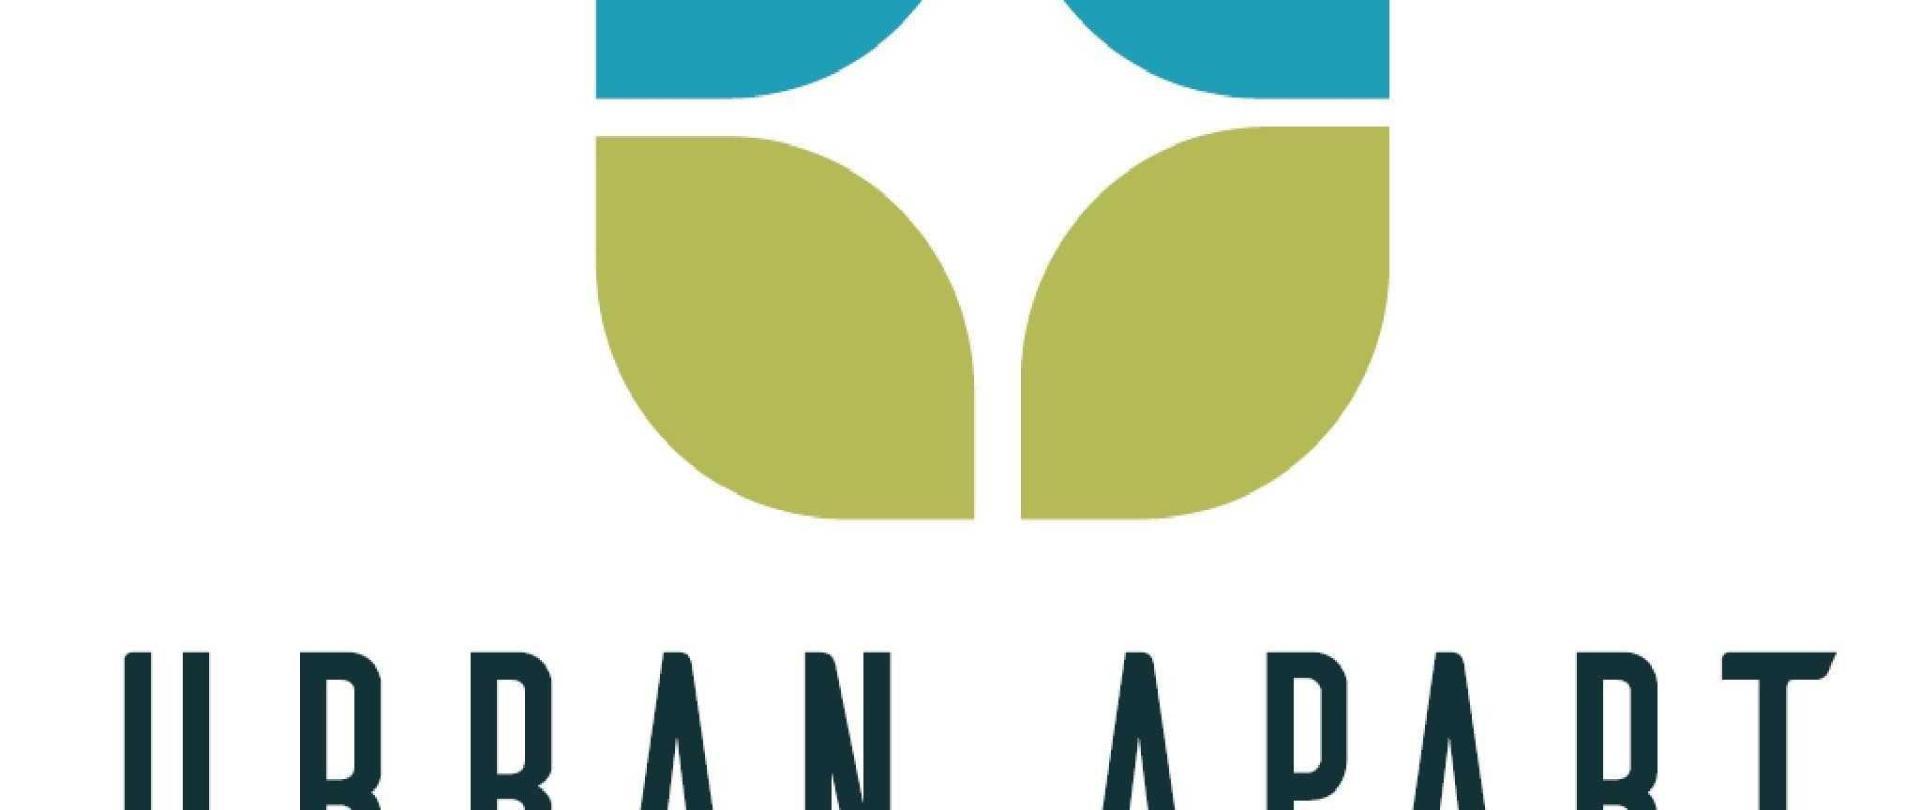 logo_jpg-3.jpg